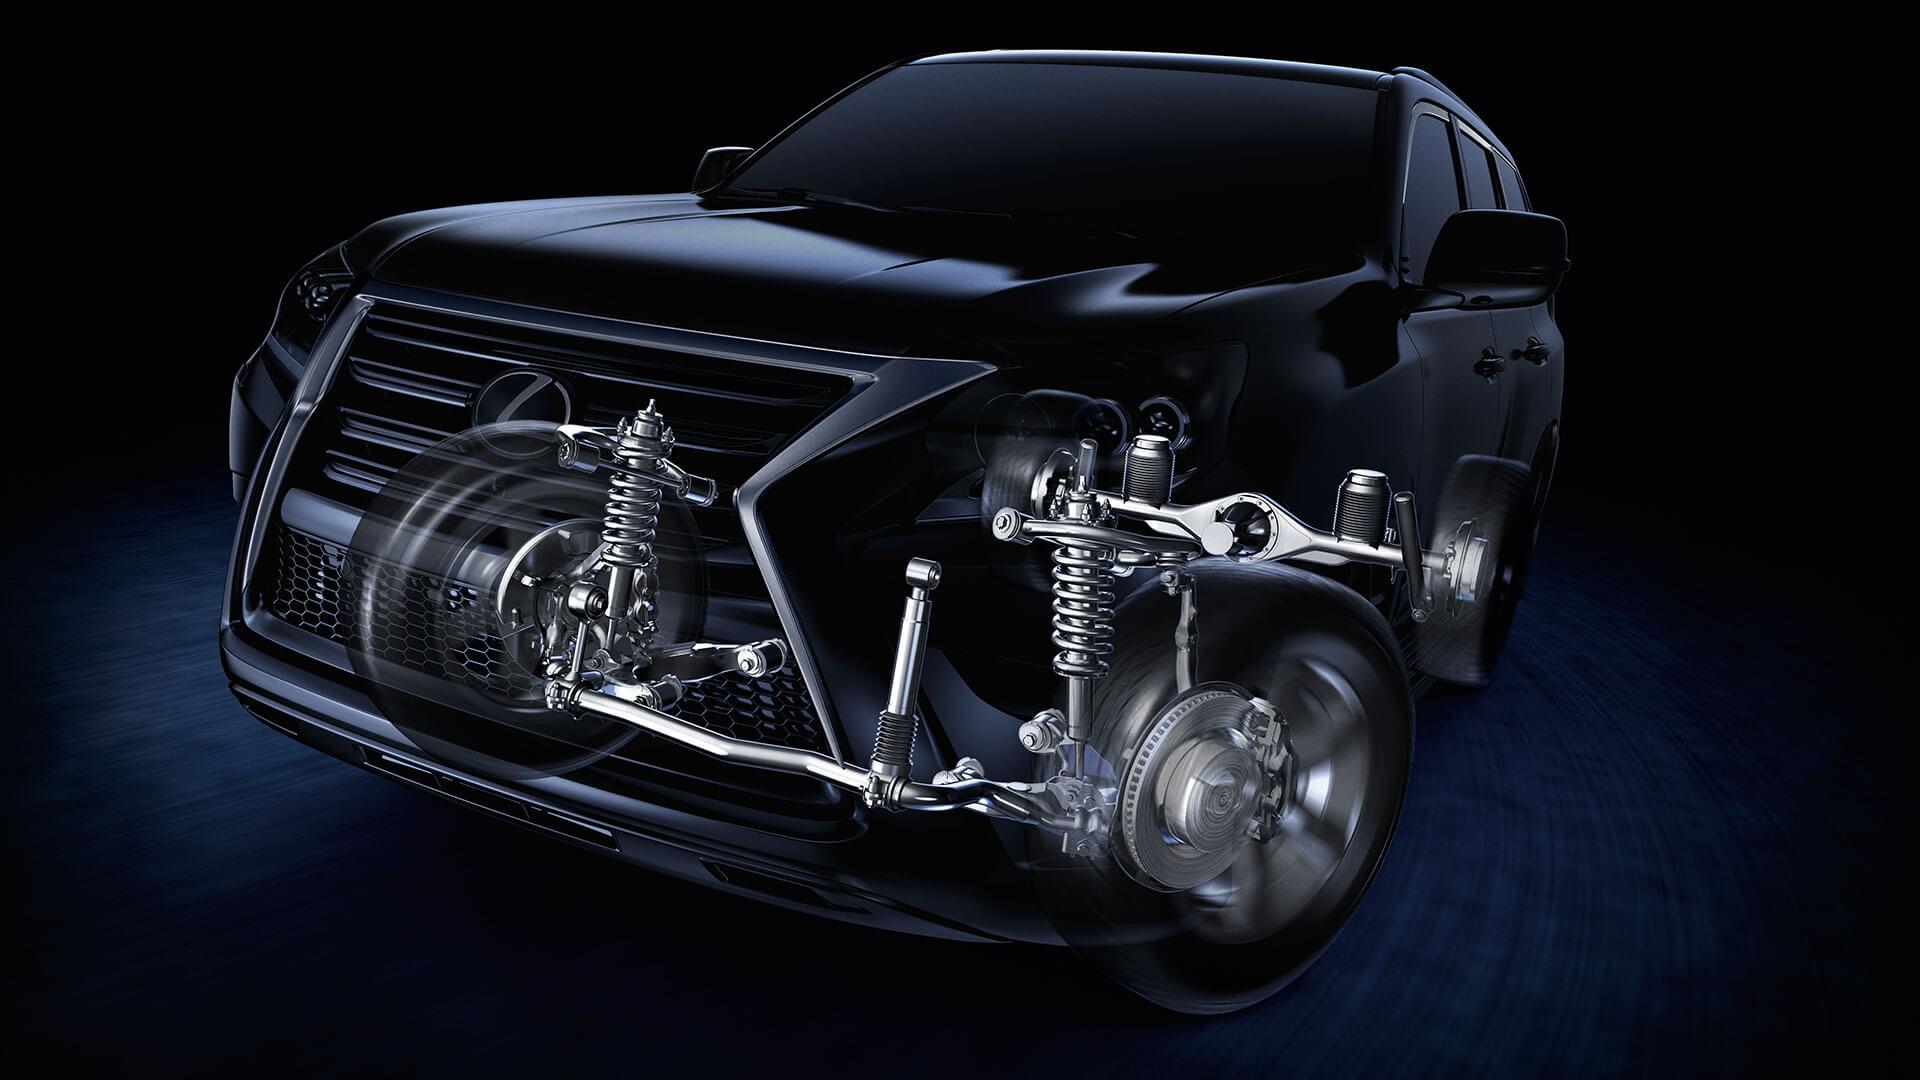 2017 lexus gx 460 features suspension